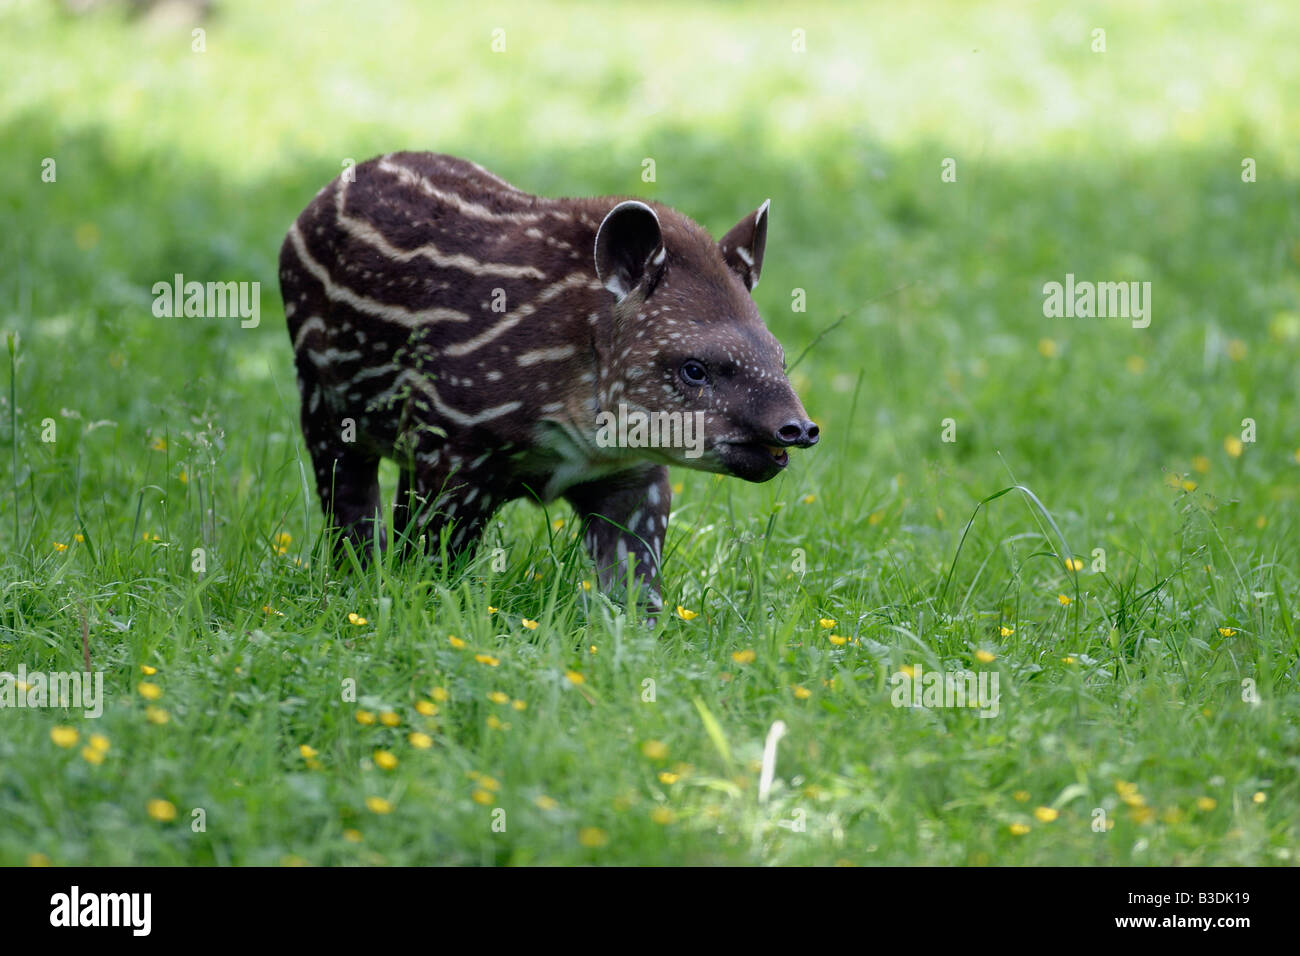 Flachlandtapir Tapir Tapirus terrestris southamerican tapir Stock Photo